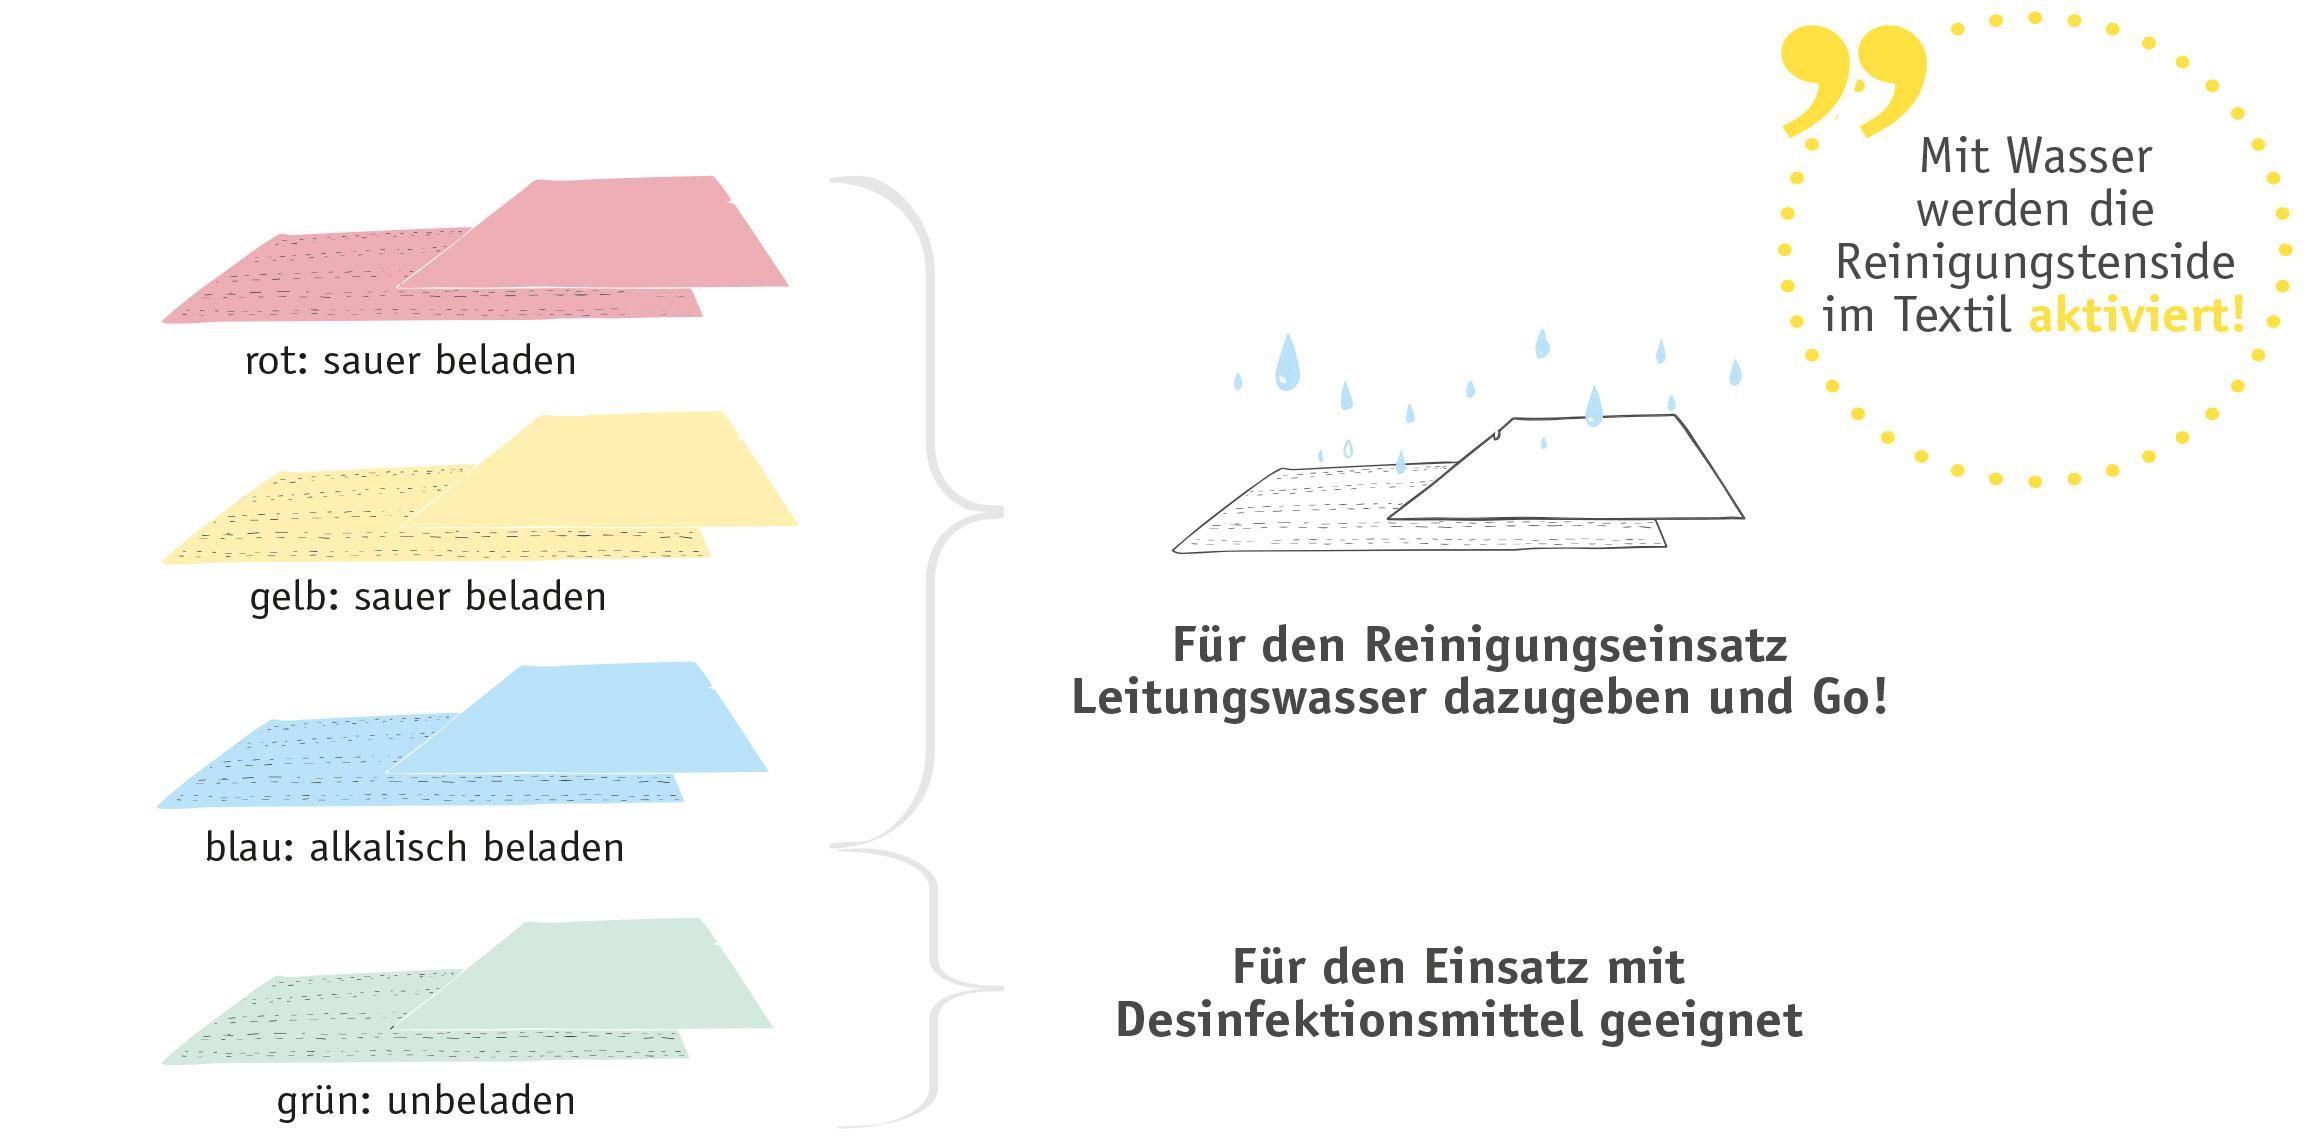 ClaraClean - Mit Wasser werden die Reinigungstenside im Textil aktiviert!